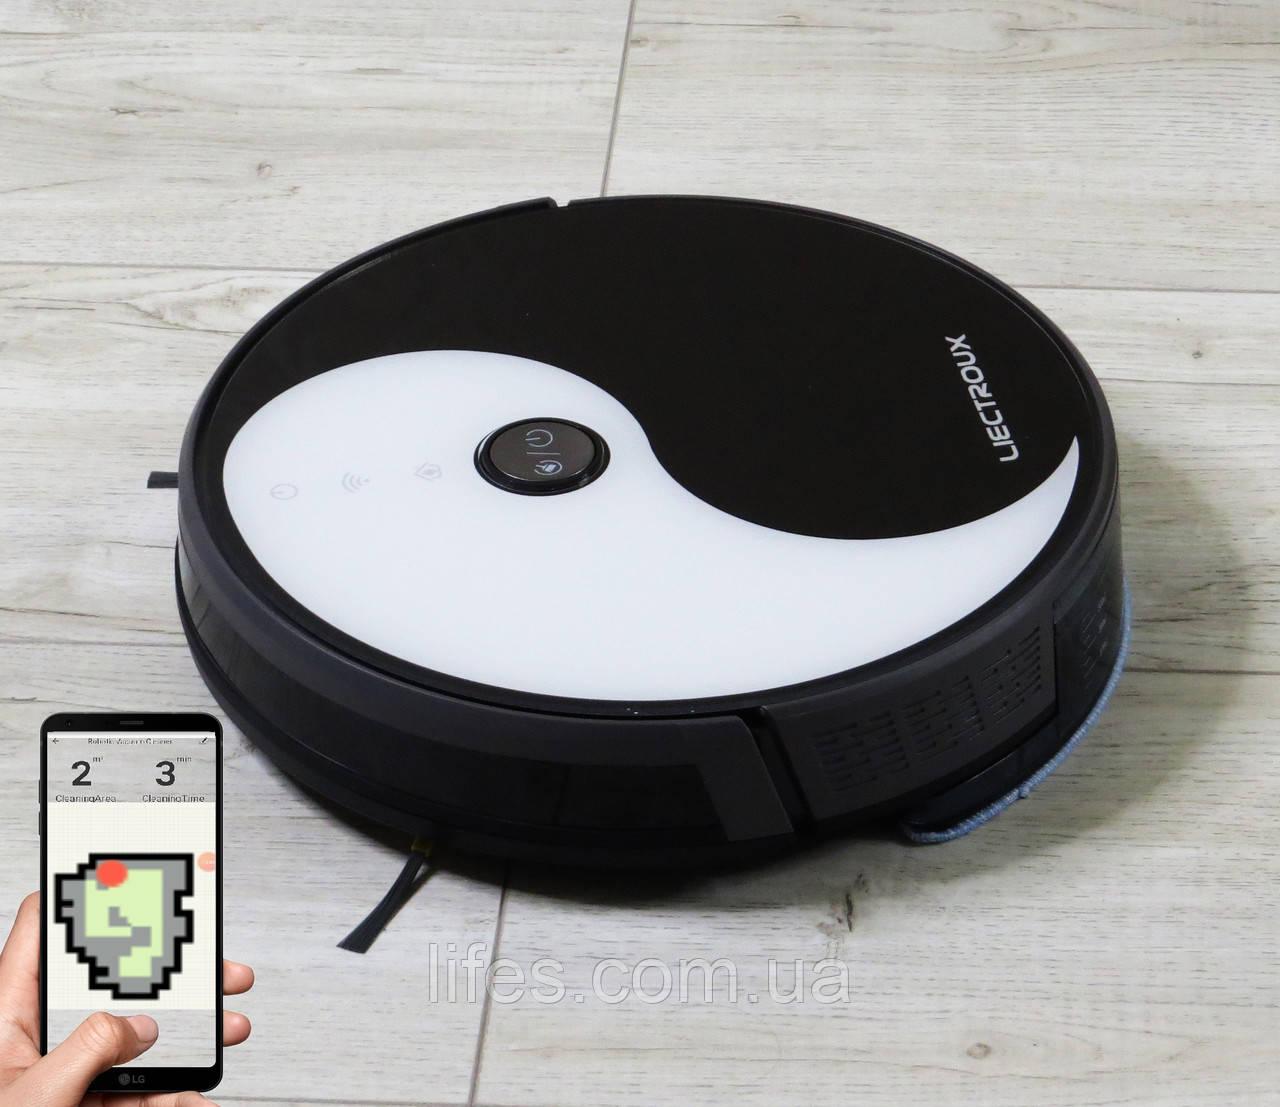 Робот - пылесос LIECTROUX C30B. Инь Янь. WI-FI. Немецкий бренд. Европейская версия. Модель 2021 года.